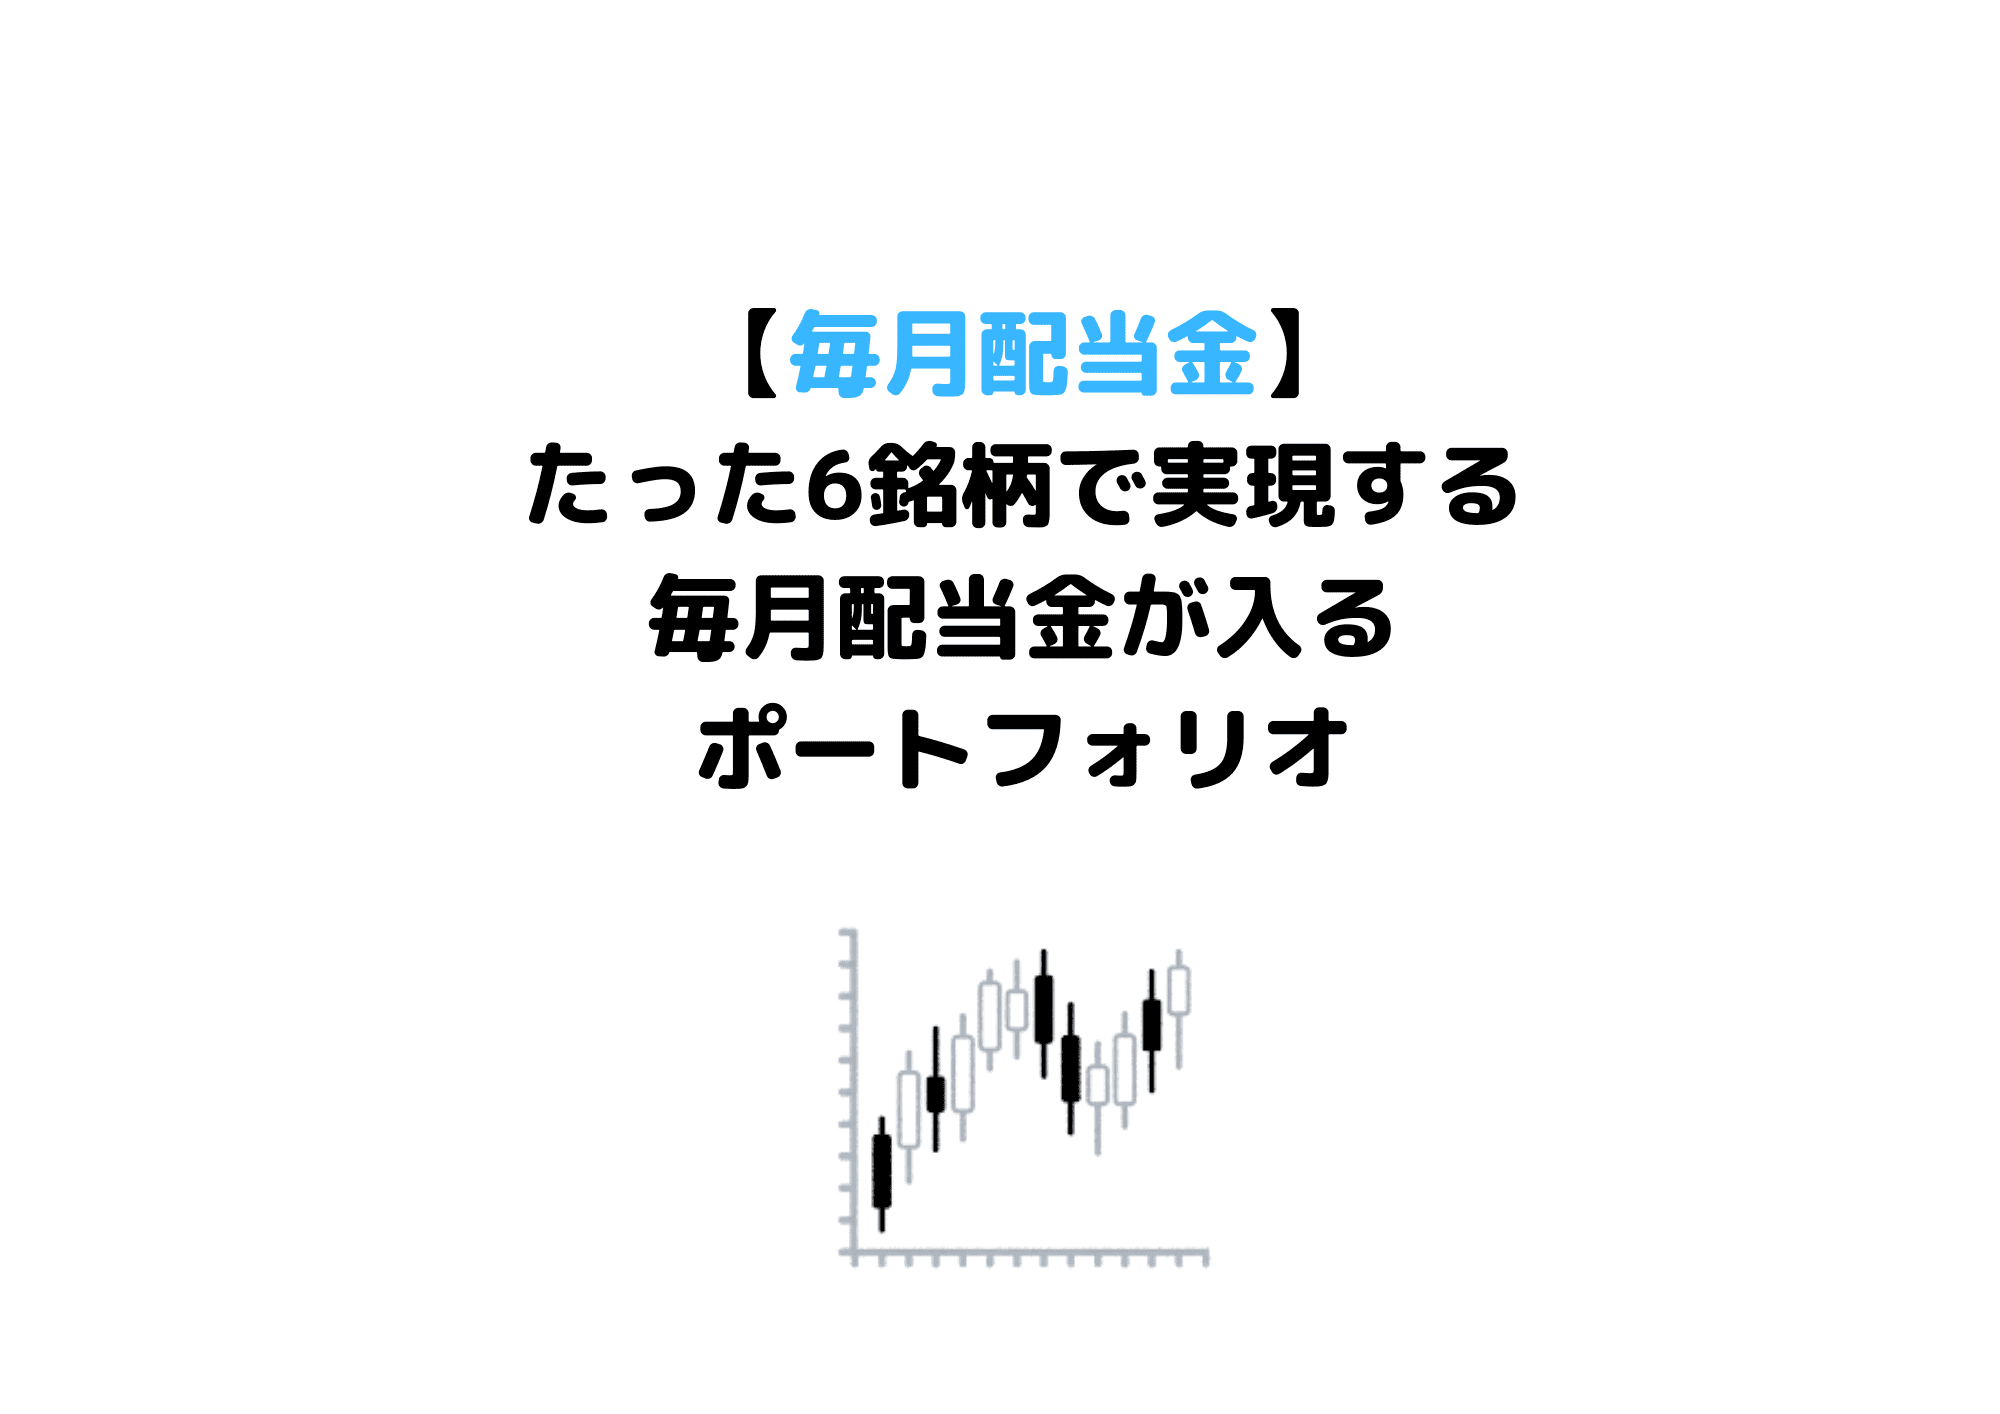 ポートフォリオ (1)